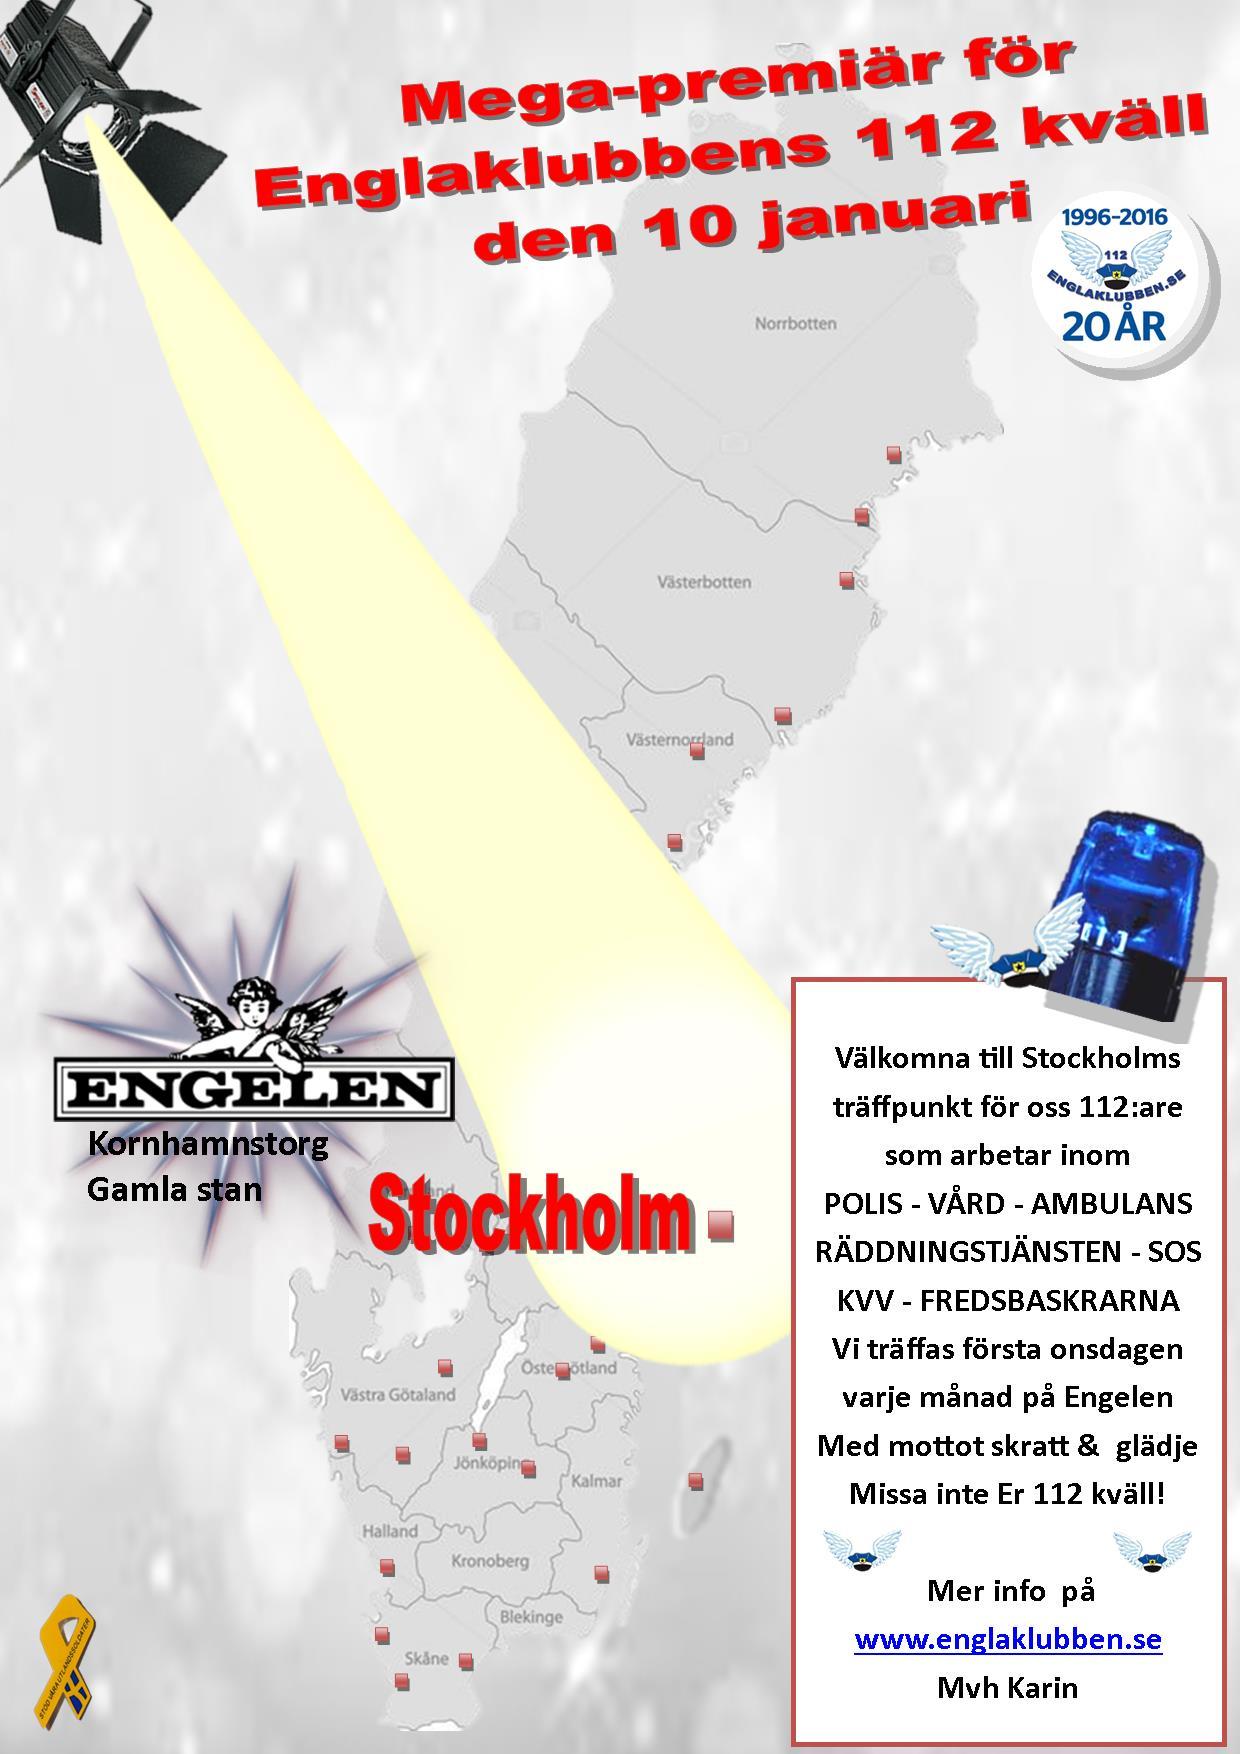 Stockholm Englaklubbens 112 kväll inbjudan